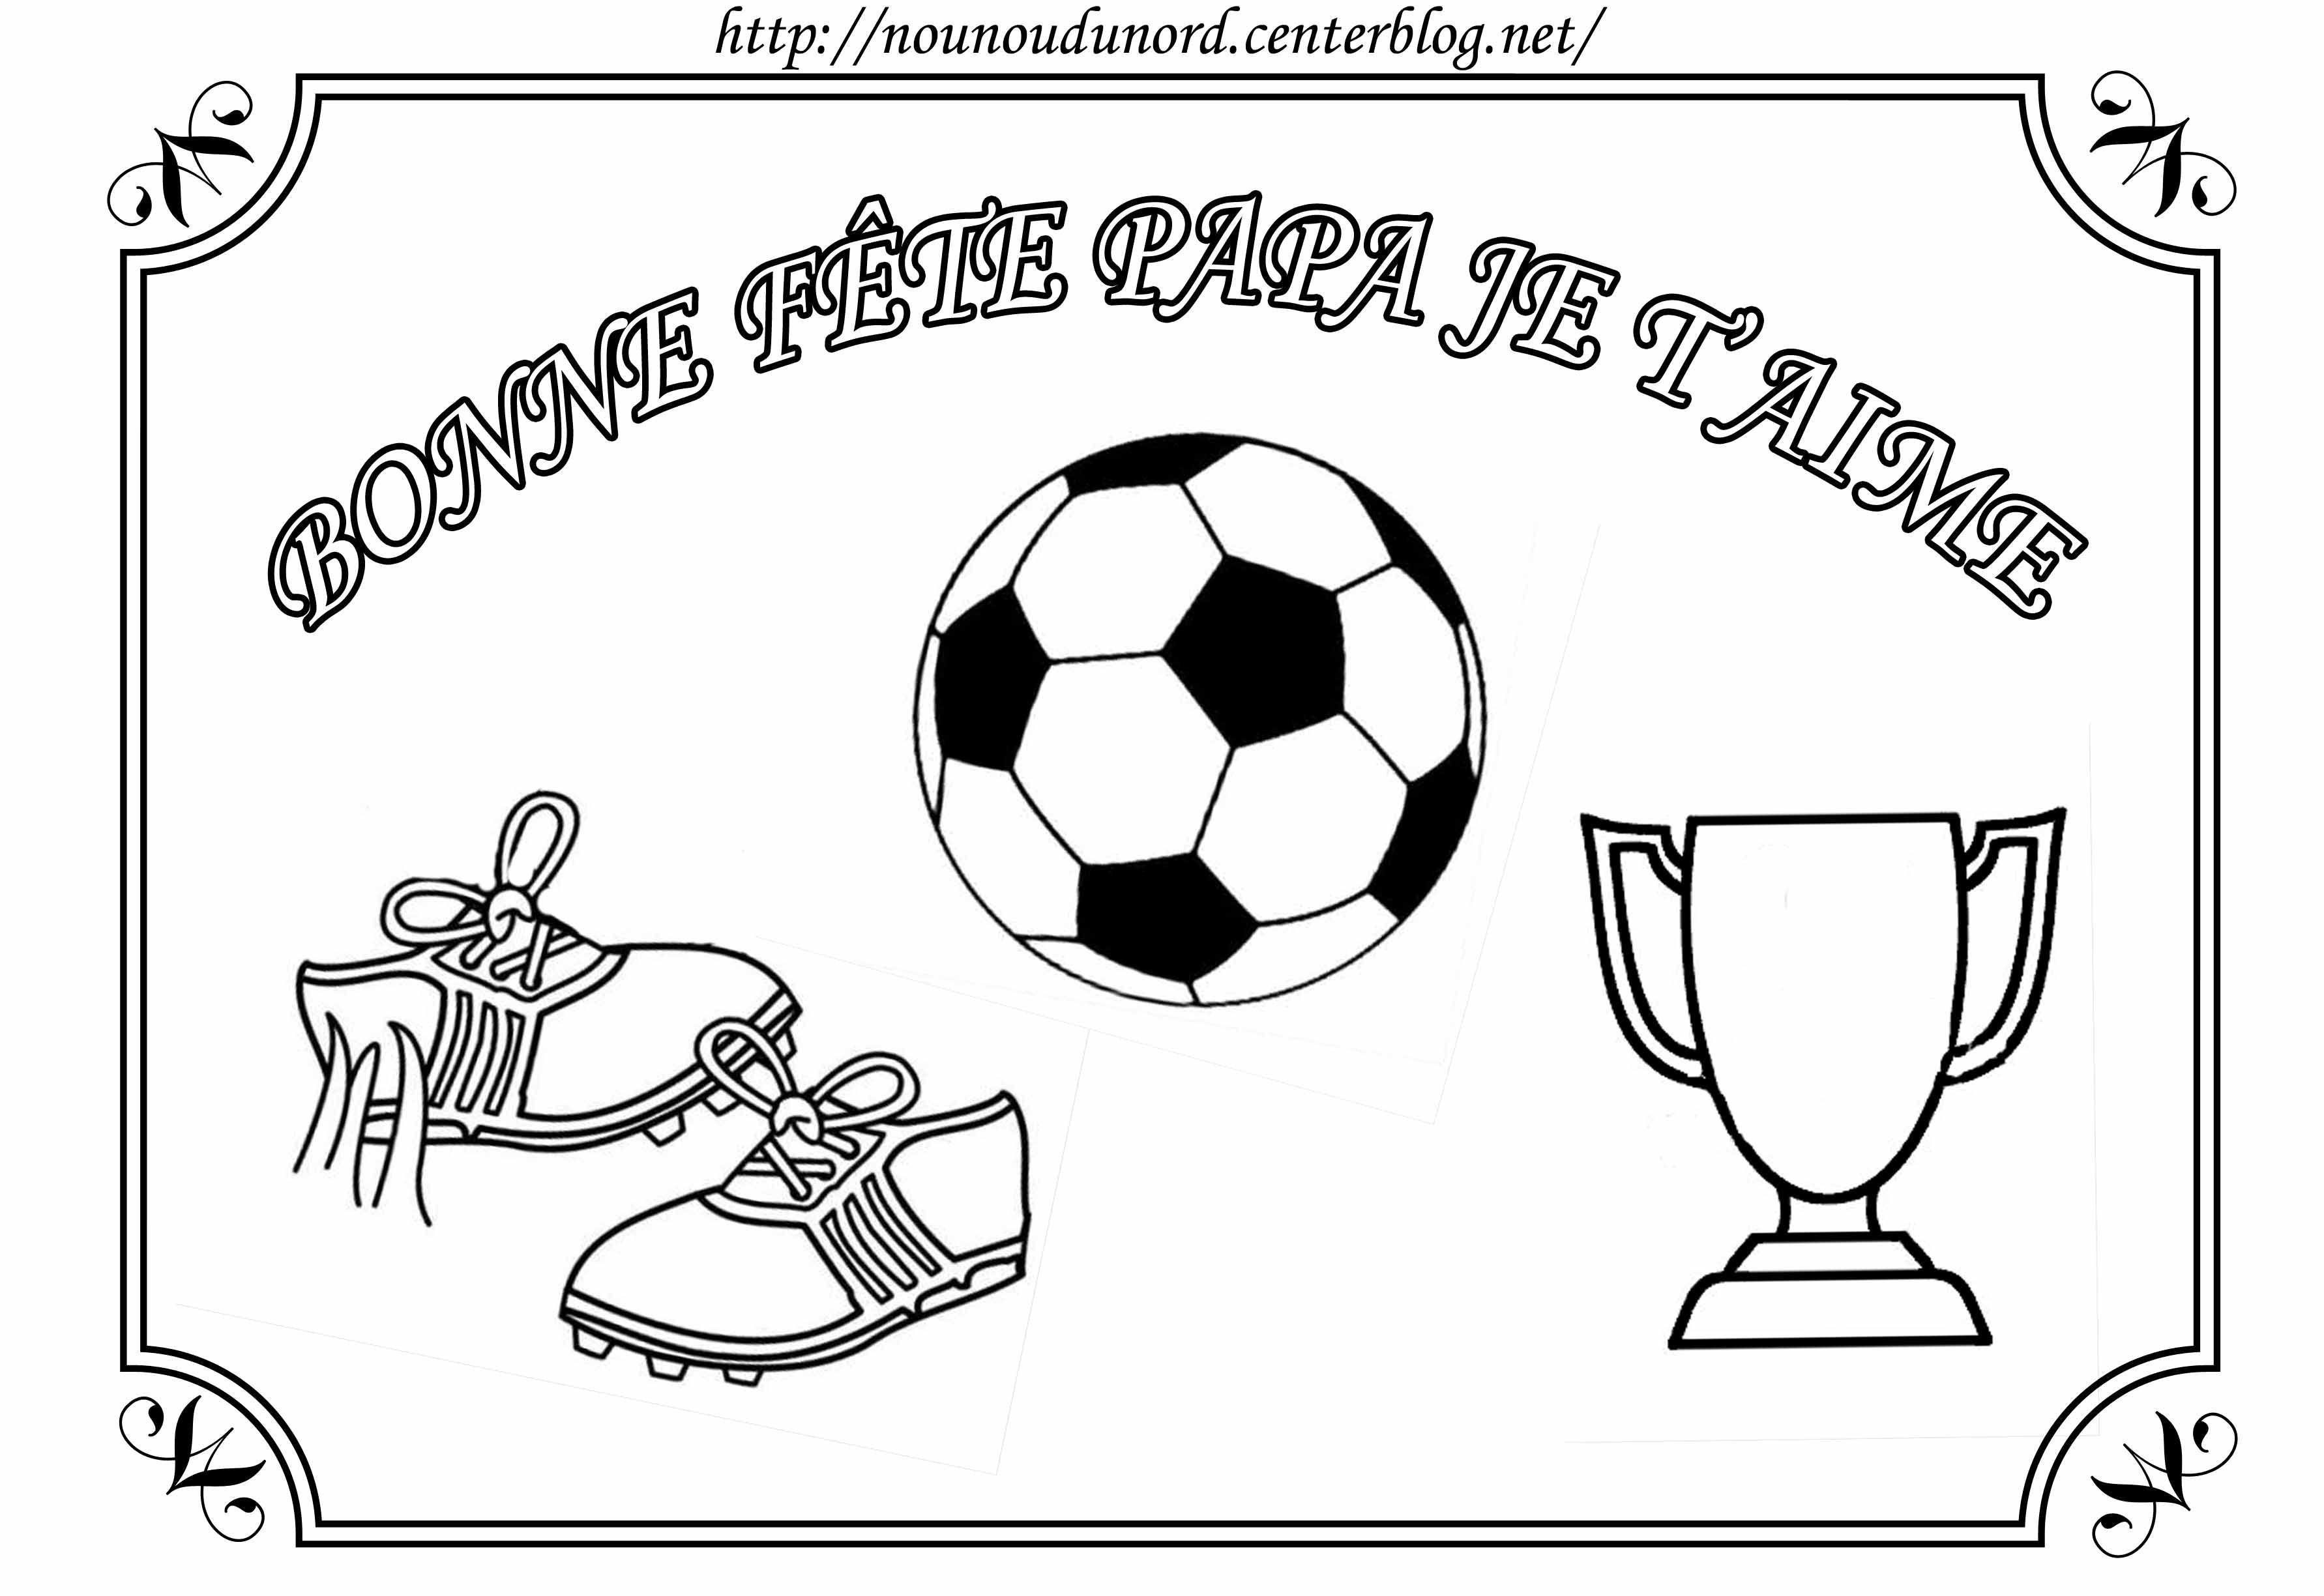 Coloriage Foot Pour La Fête Des Pères Par Nounoudunord dedans Dessin  Pour La Fete Des Pere